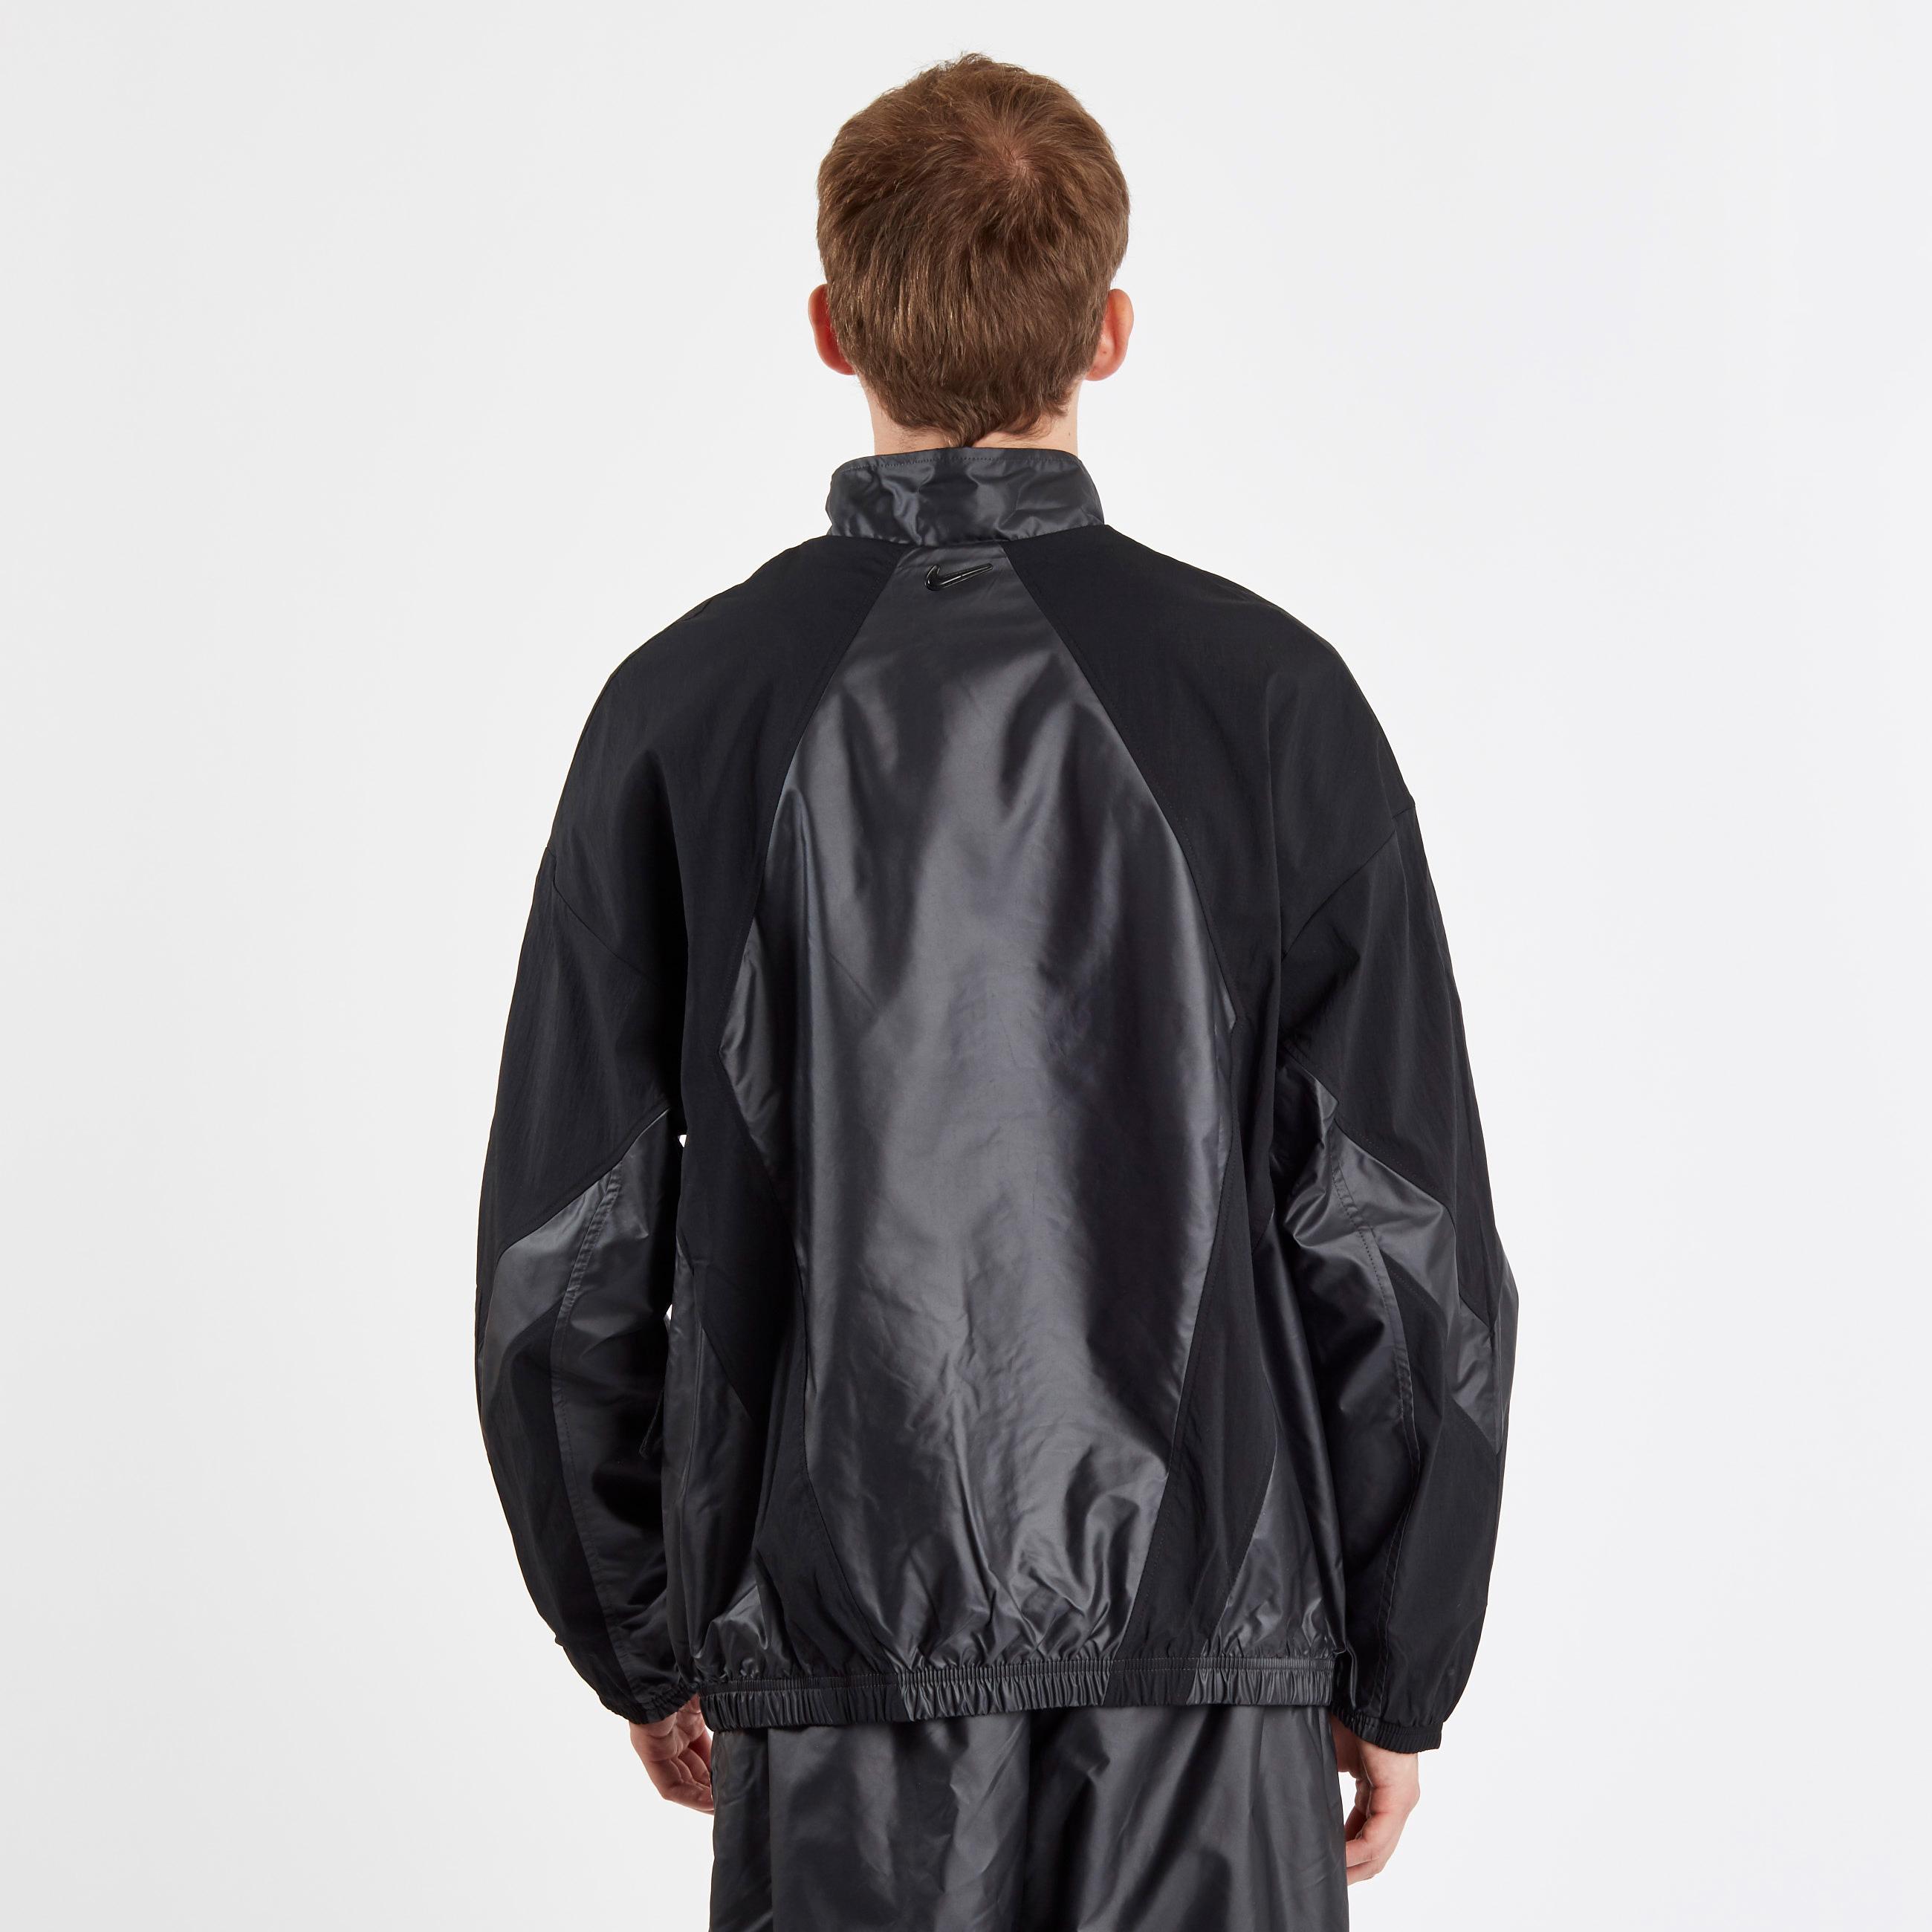 innovative design efbff 4025f Nike NRG x Skepta Track Suit - Av9997-010 - Sneakersnstuff   sneakers    streetwear online since 1999